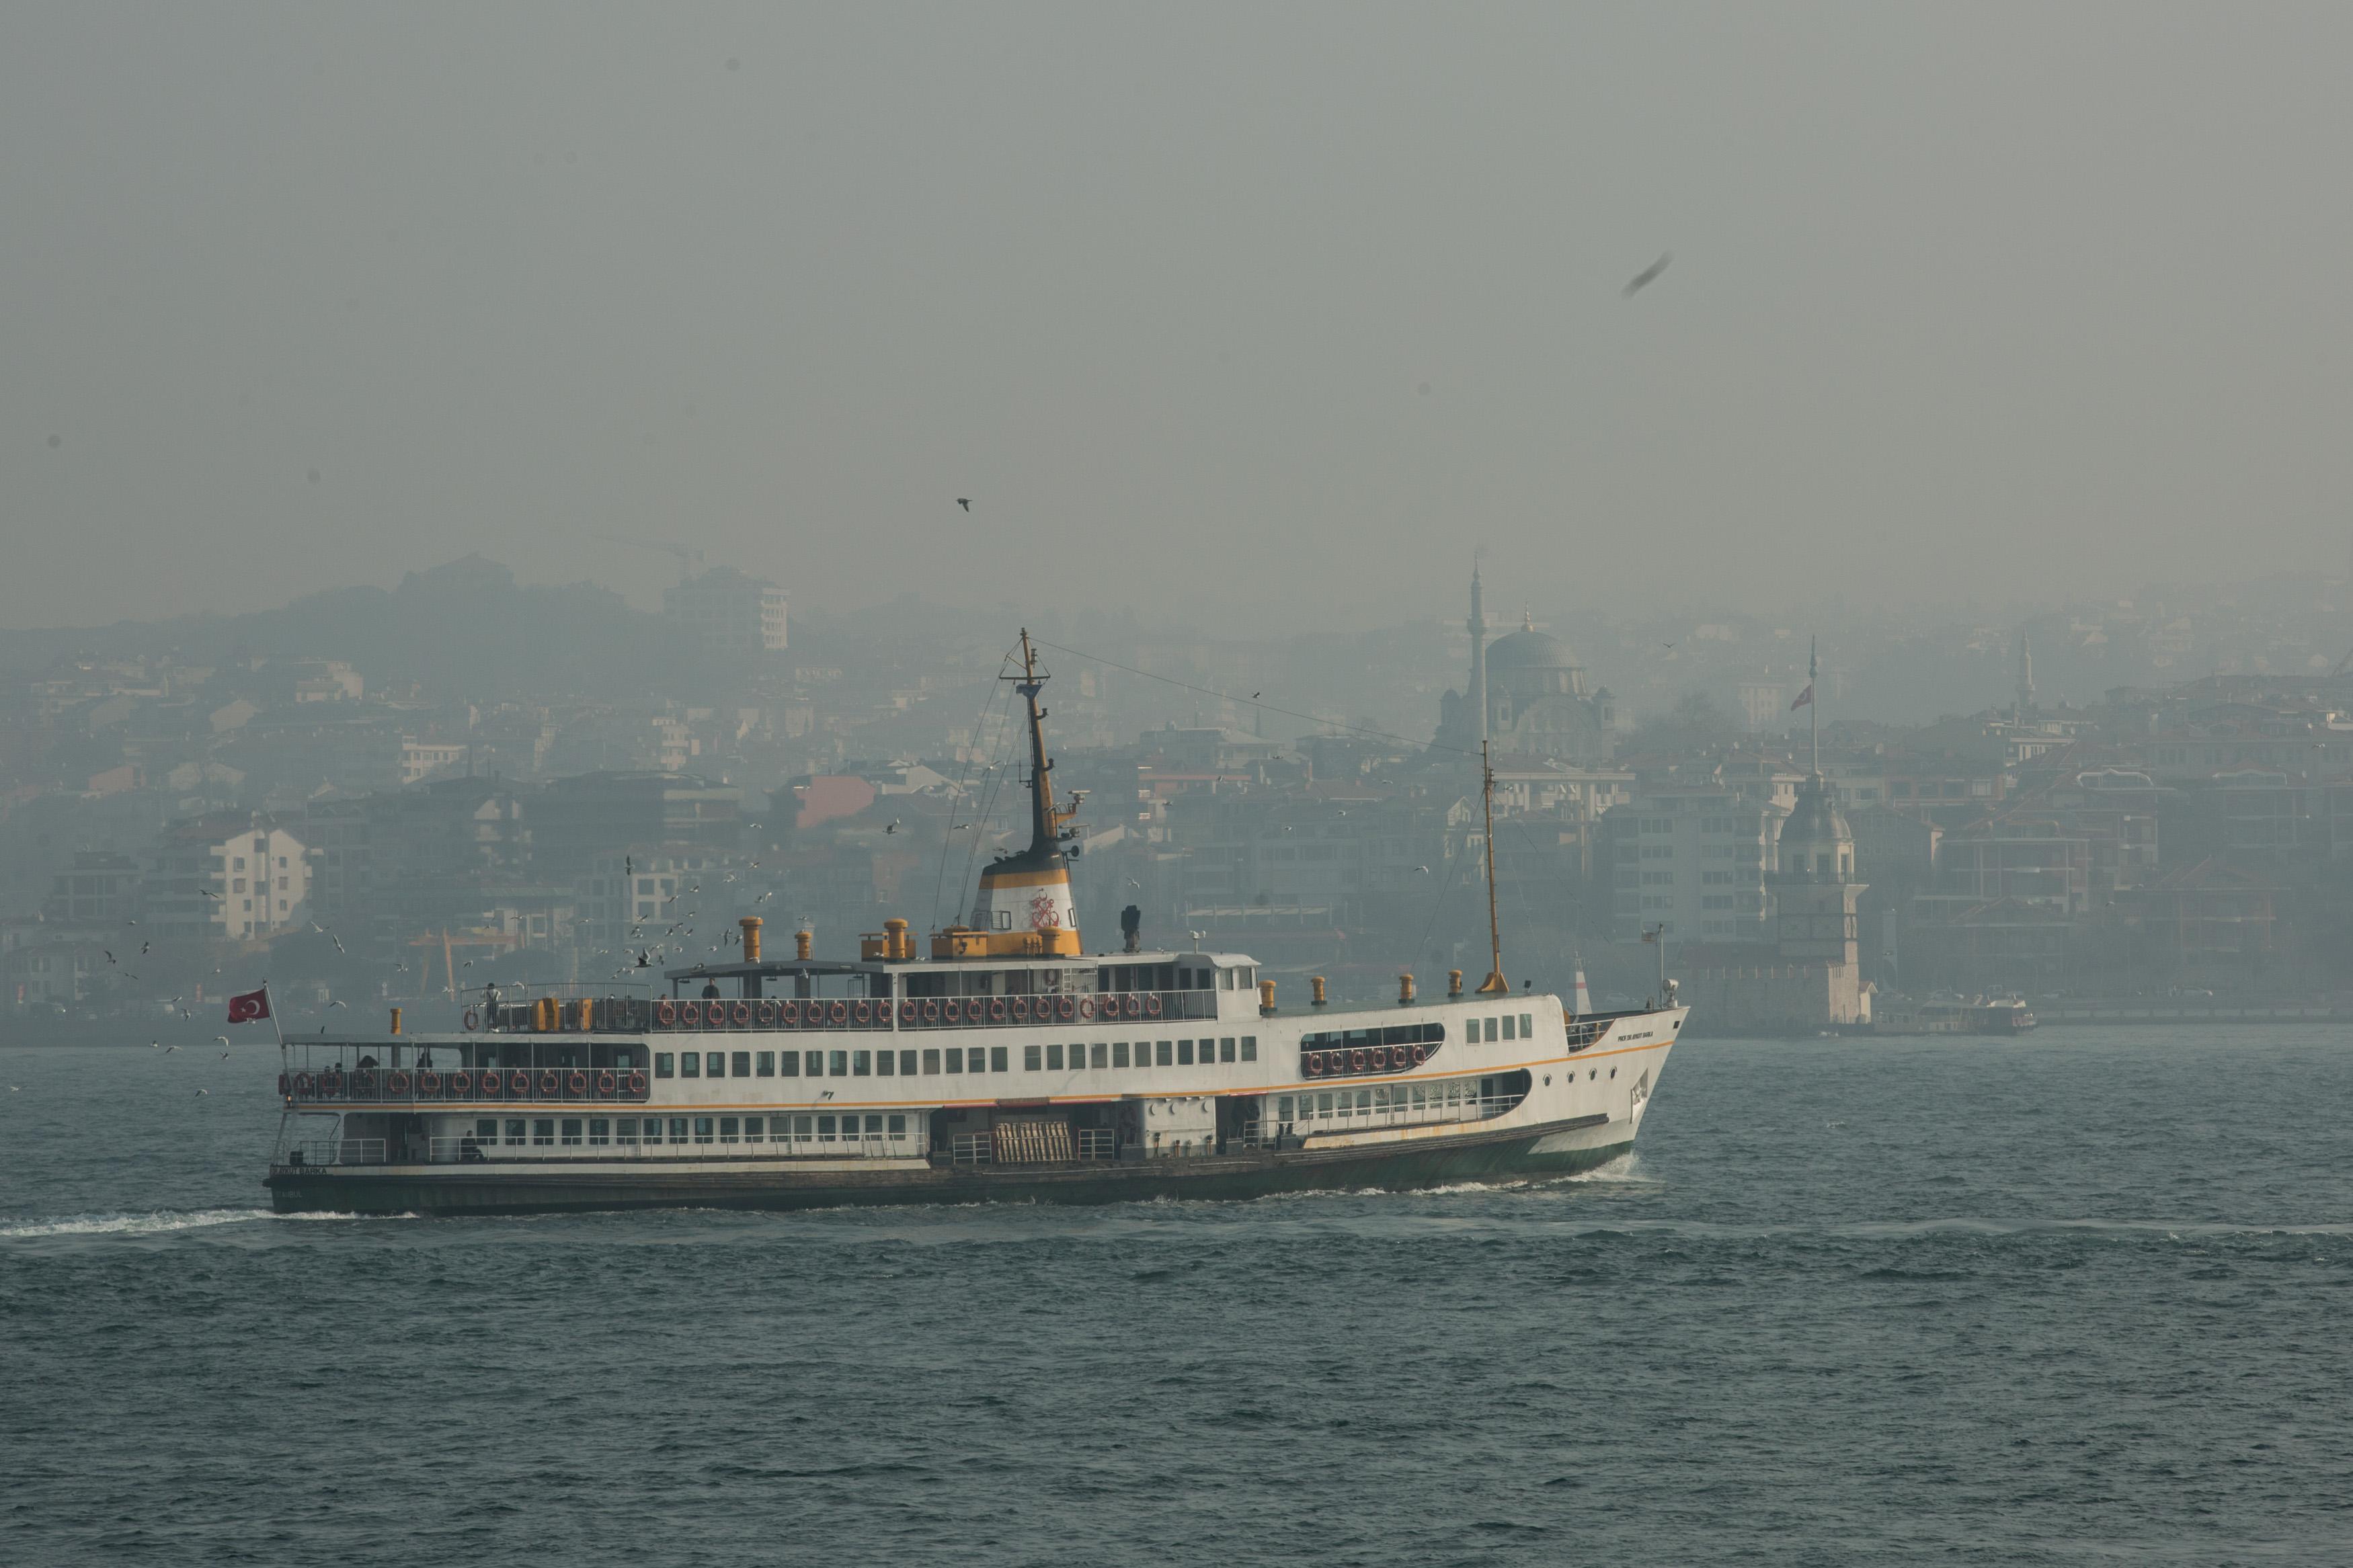 İstanbul için korkutan hava kirliliği açıklaması! O ilçelerde yaşayanlar tehlikede...